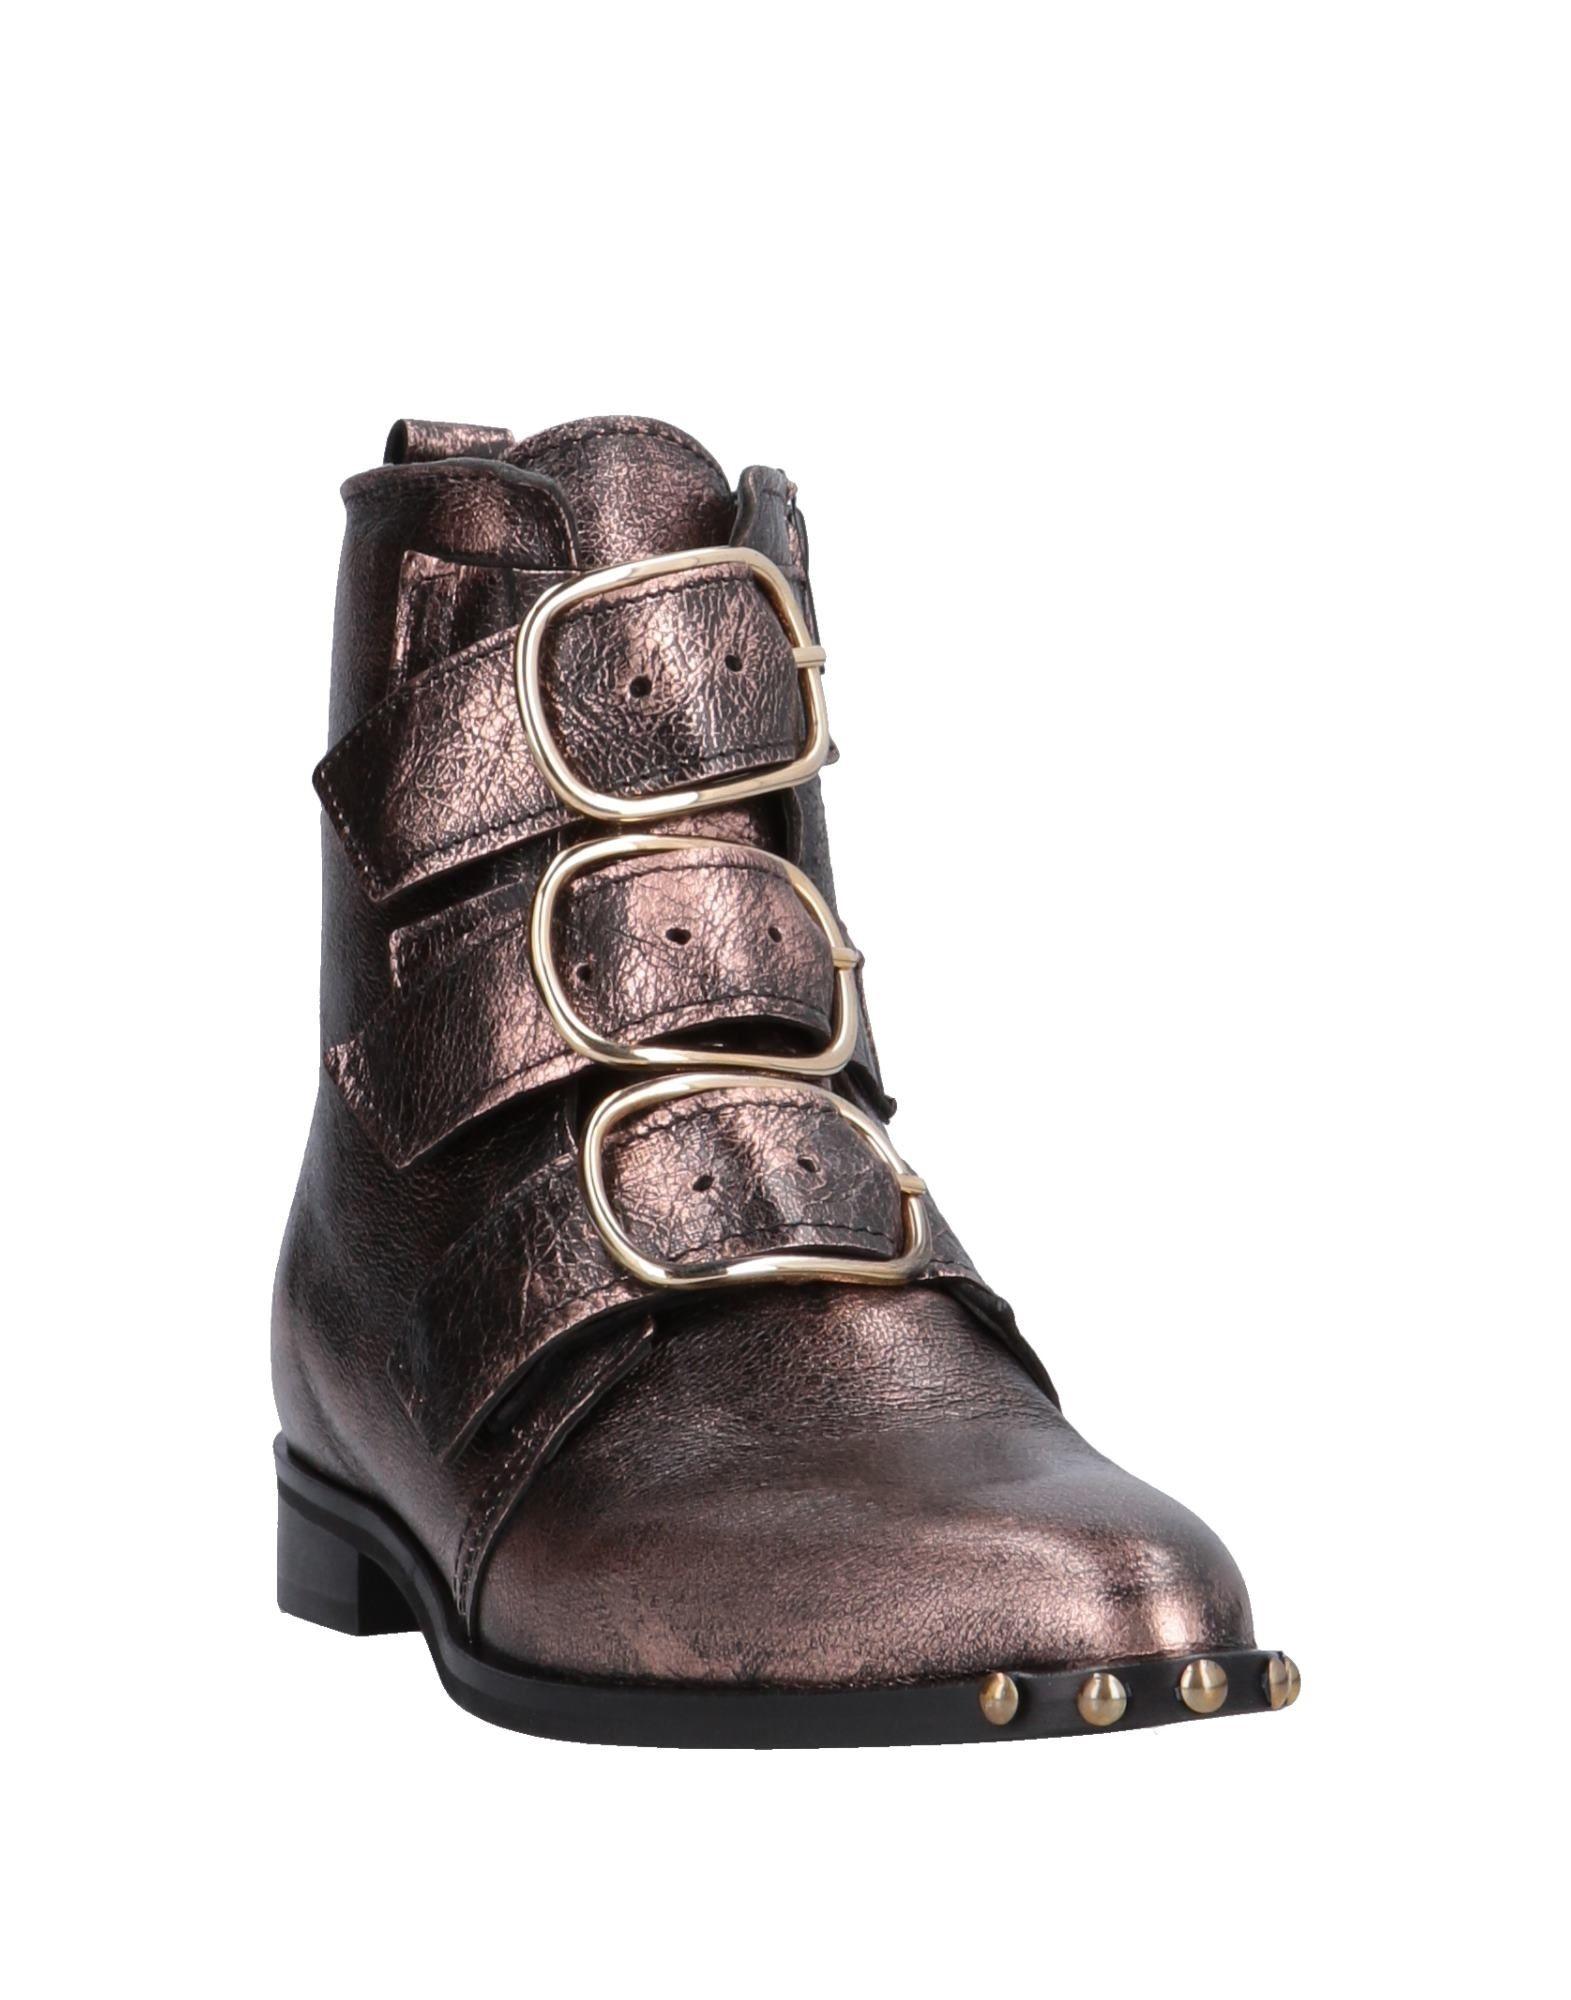 Stilvolle Noy billige Schuhe G.P. Per Noy Stilvolle Bologna Stiefelette Damen 11549261XD 381909